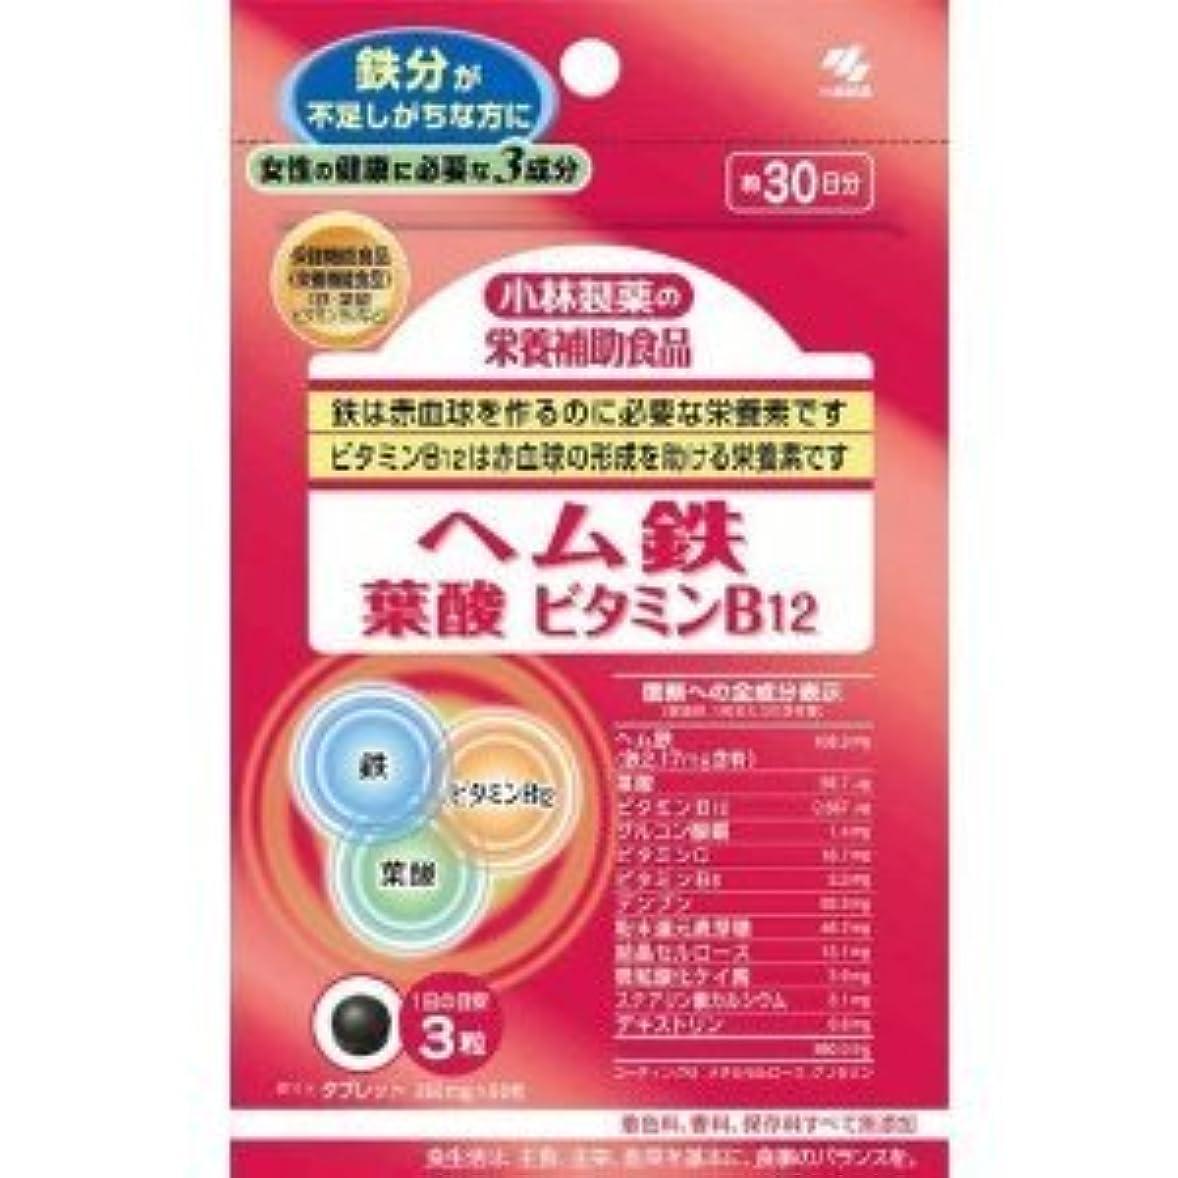 呼ぶガラガラ蛾小林製薬の栄養補助食品ヘム鉄葉酸ビタミンB12(90粒)×4個セット